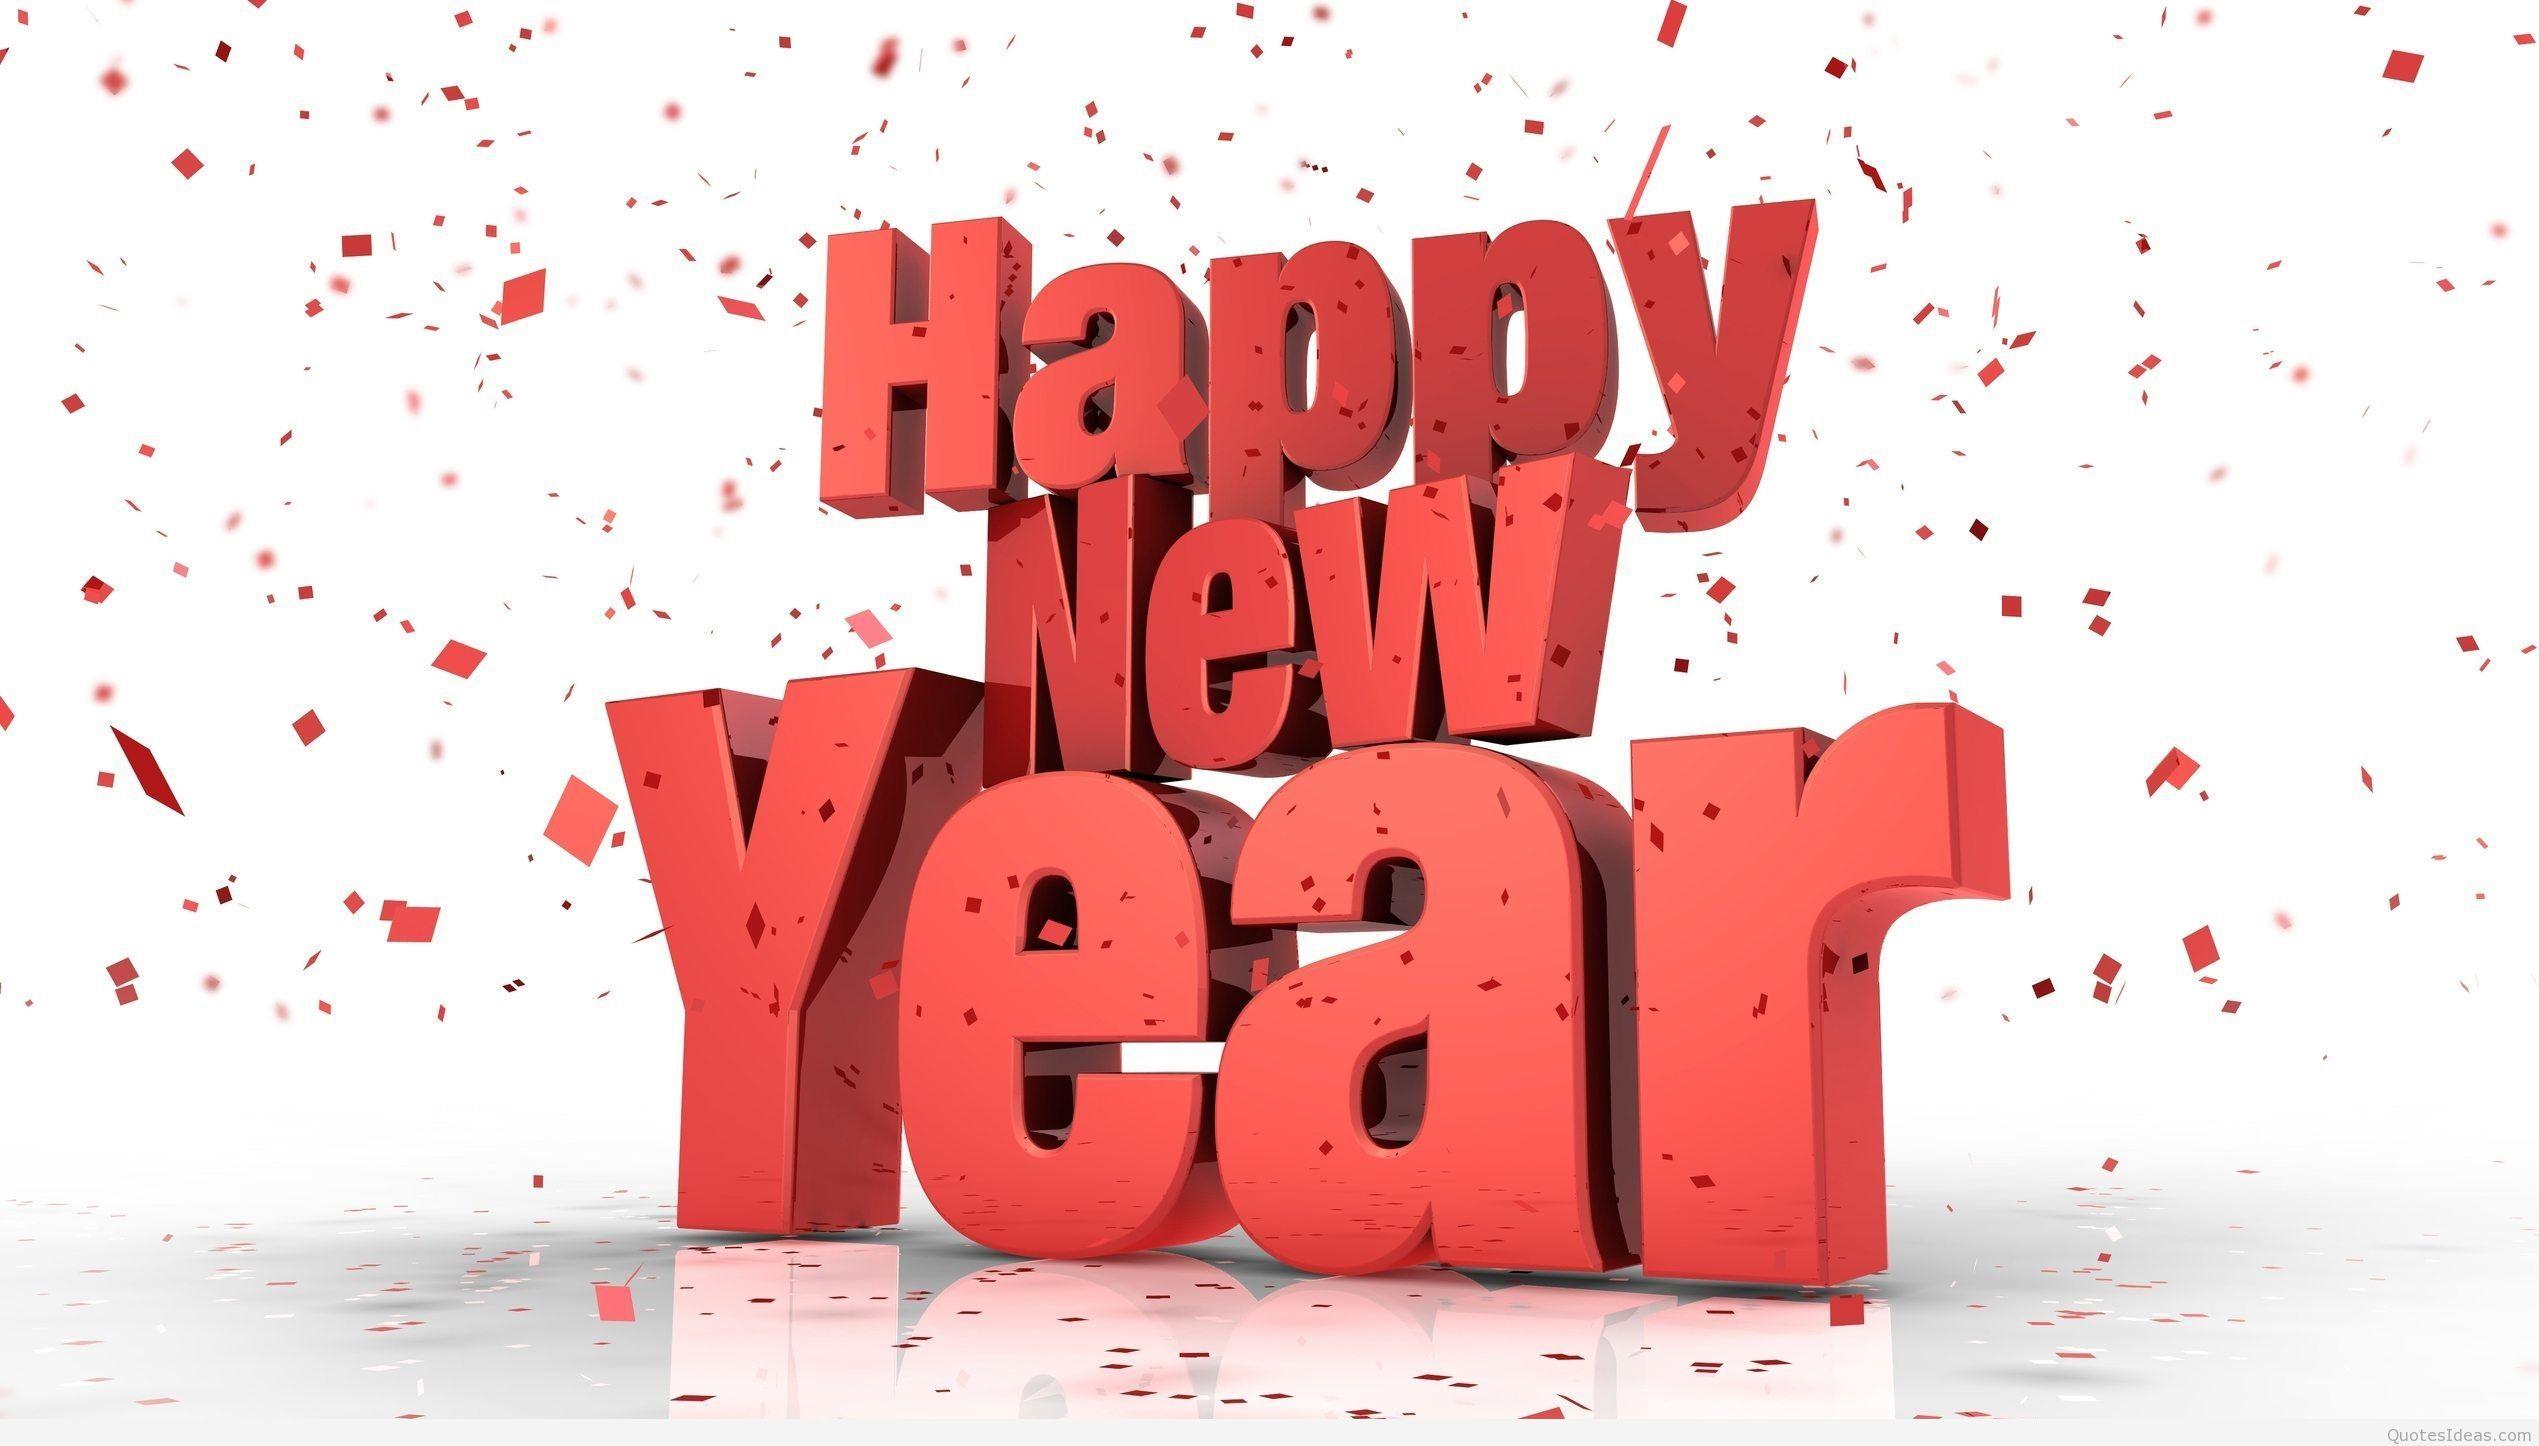 صور راس السنة الميلادية Happy New Year Wallpapers موقع العنان